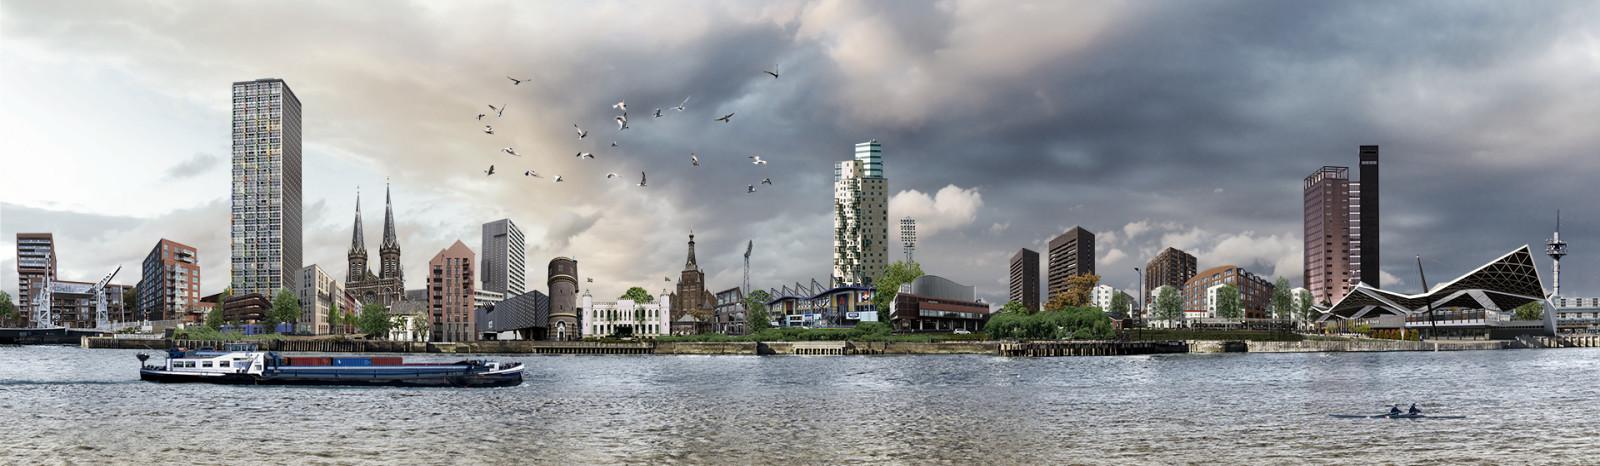 skyline Tilburg Spoorzone futuristisch